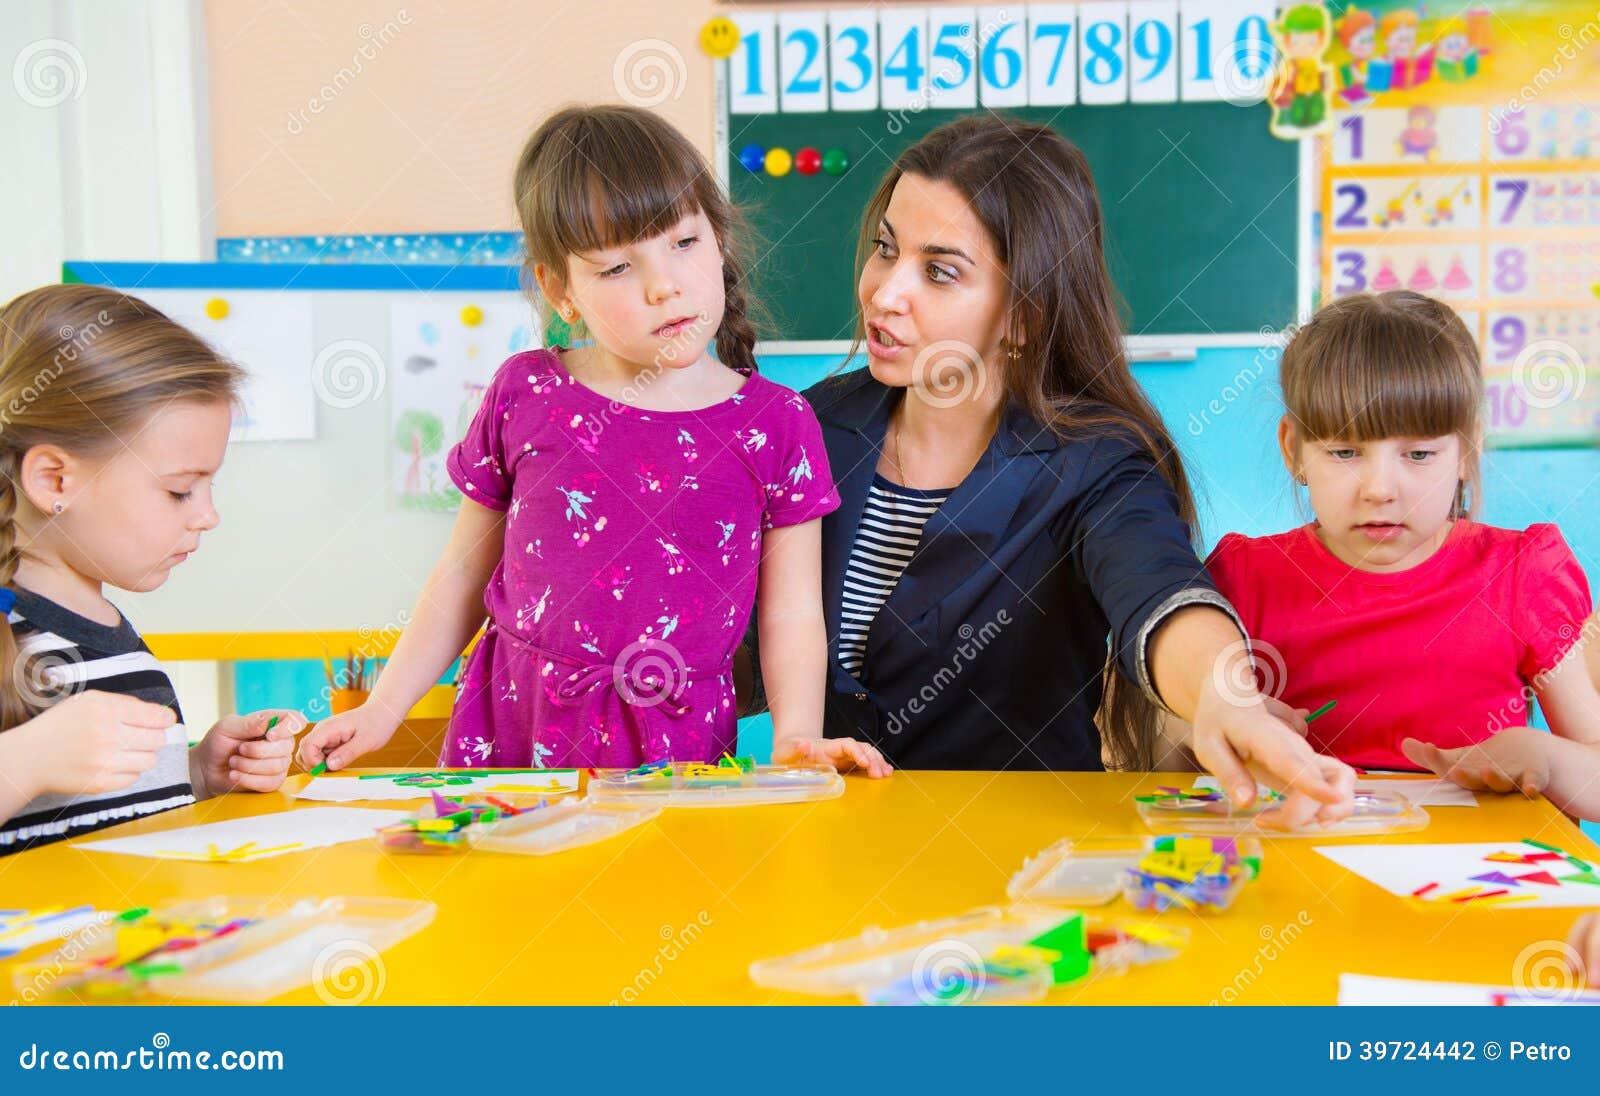 Childrenats-Kindergarten